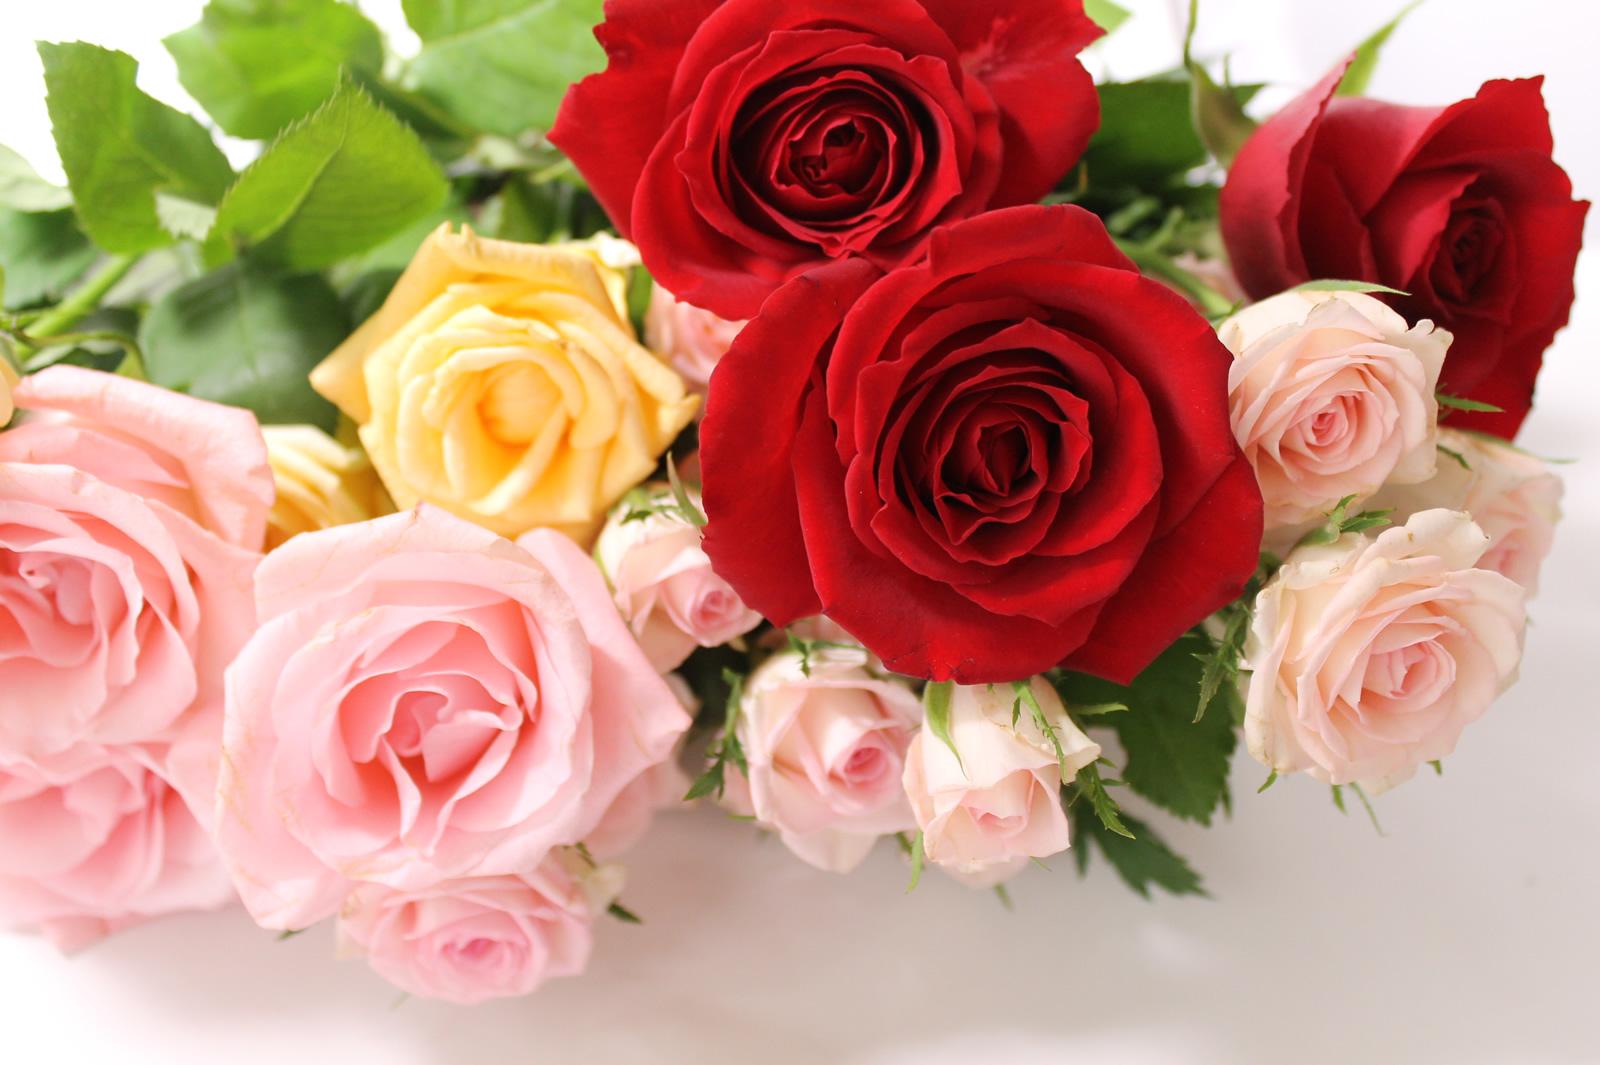 さあ、あなたも始めてみませんか?バラをガーデニングで育ててみようのサムネイル画像